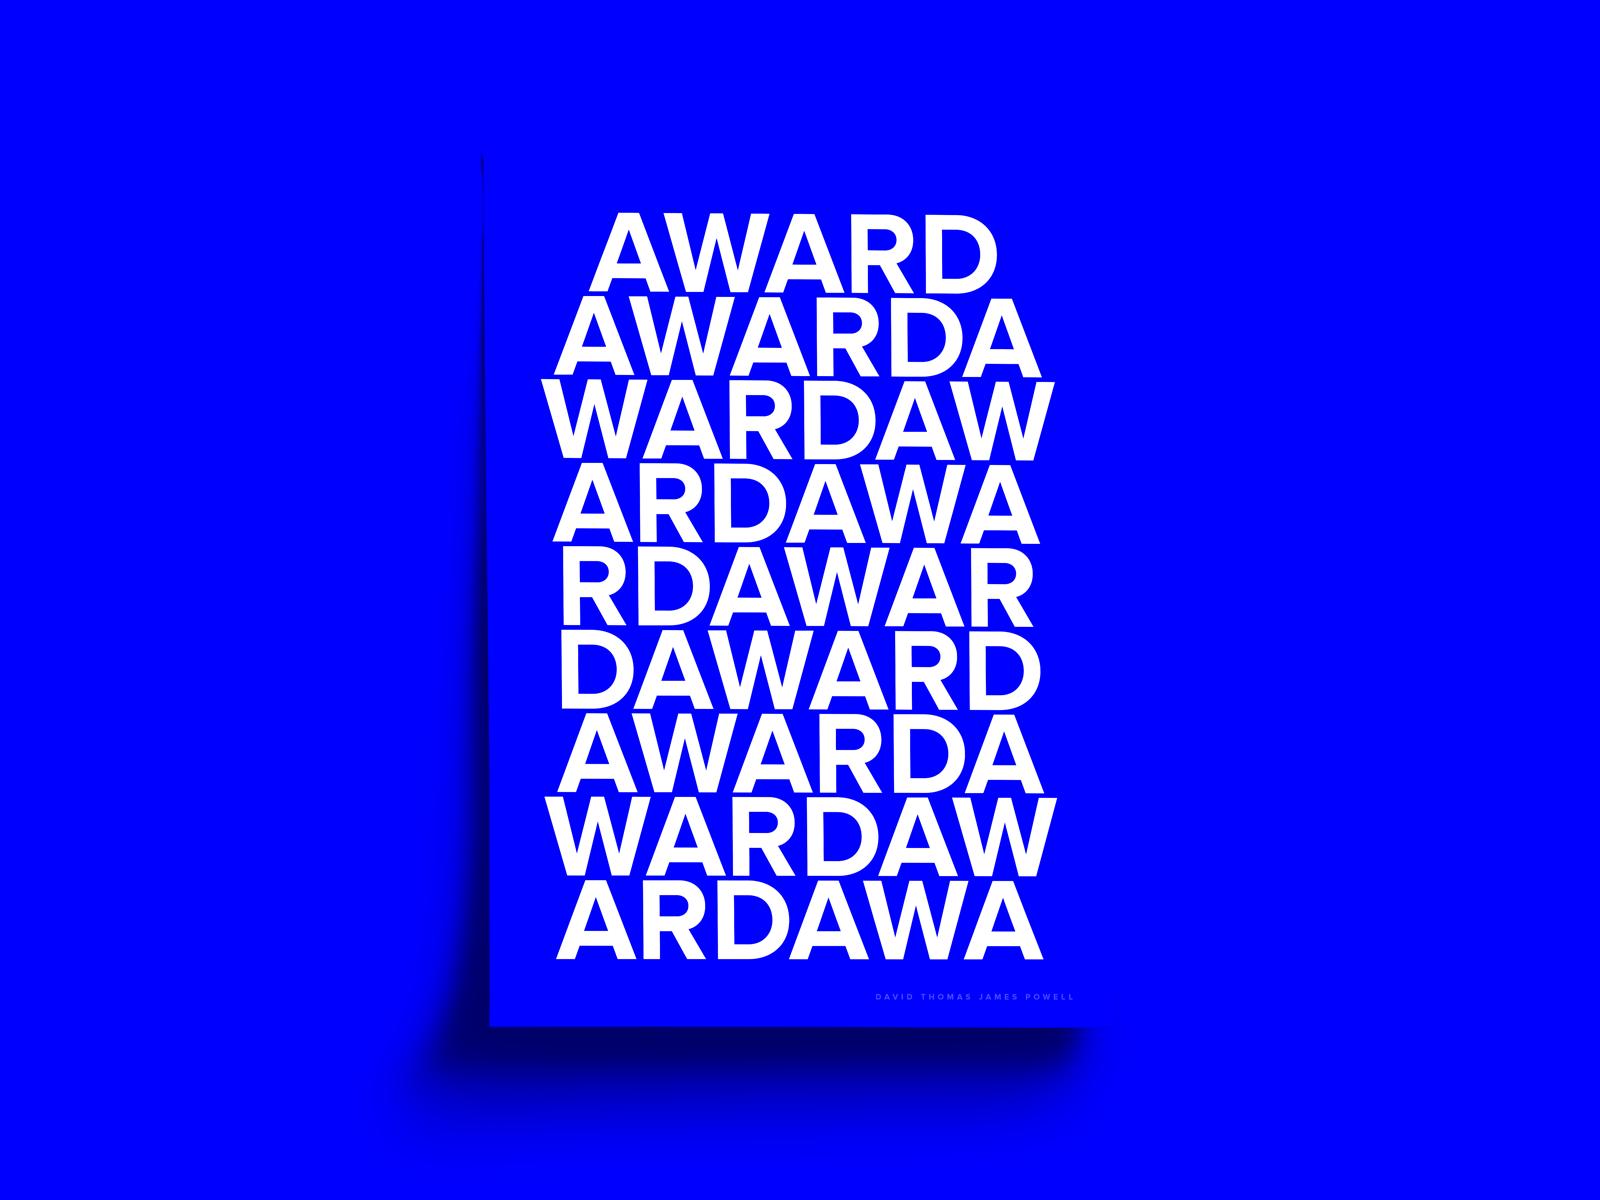 Award_1600